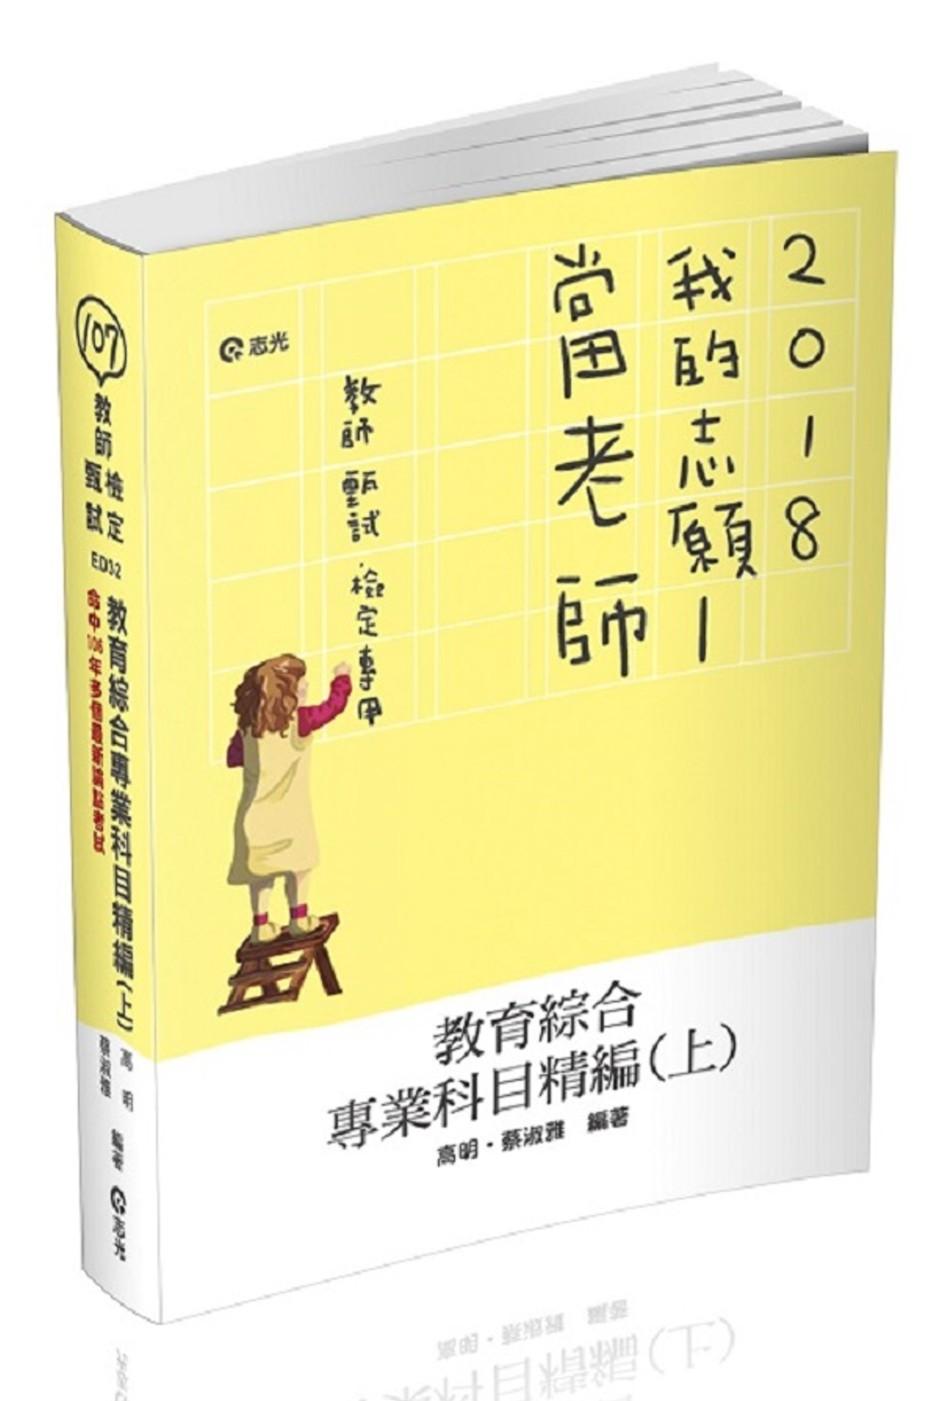 教育綜合專業科目精編(上)(教師甄試、教師檢定考試適用)